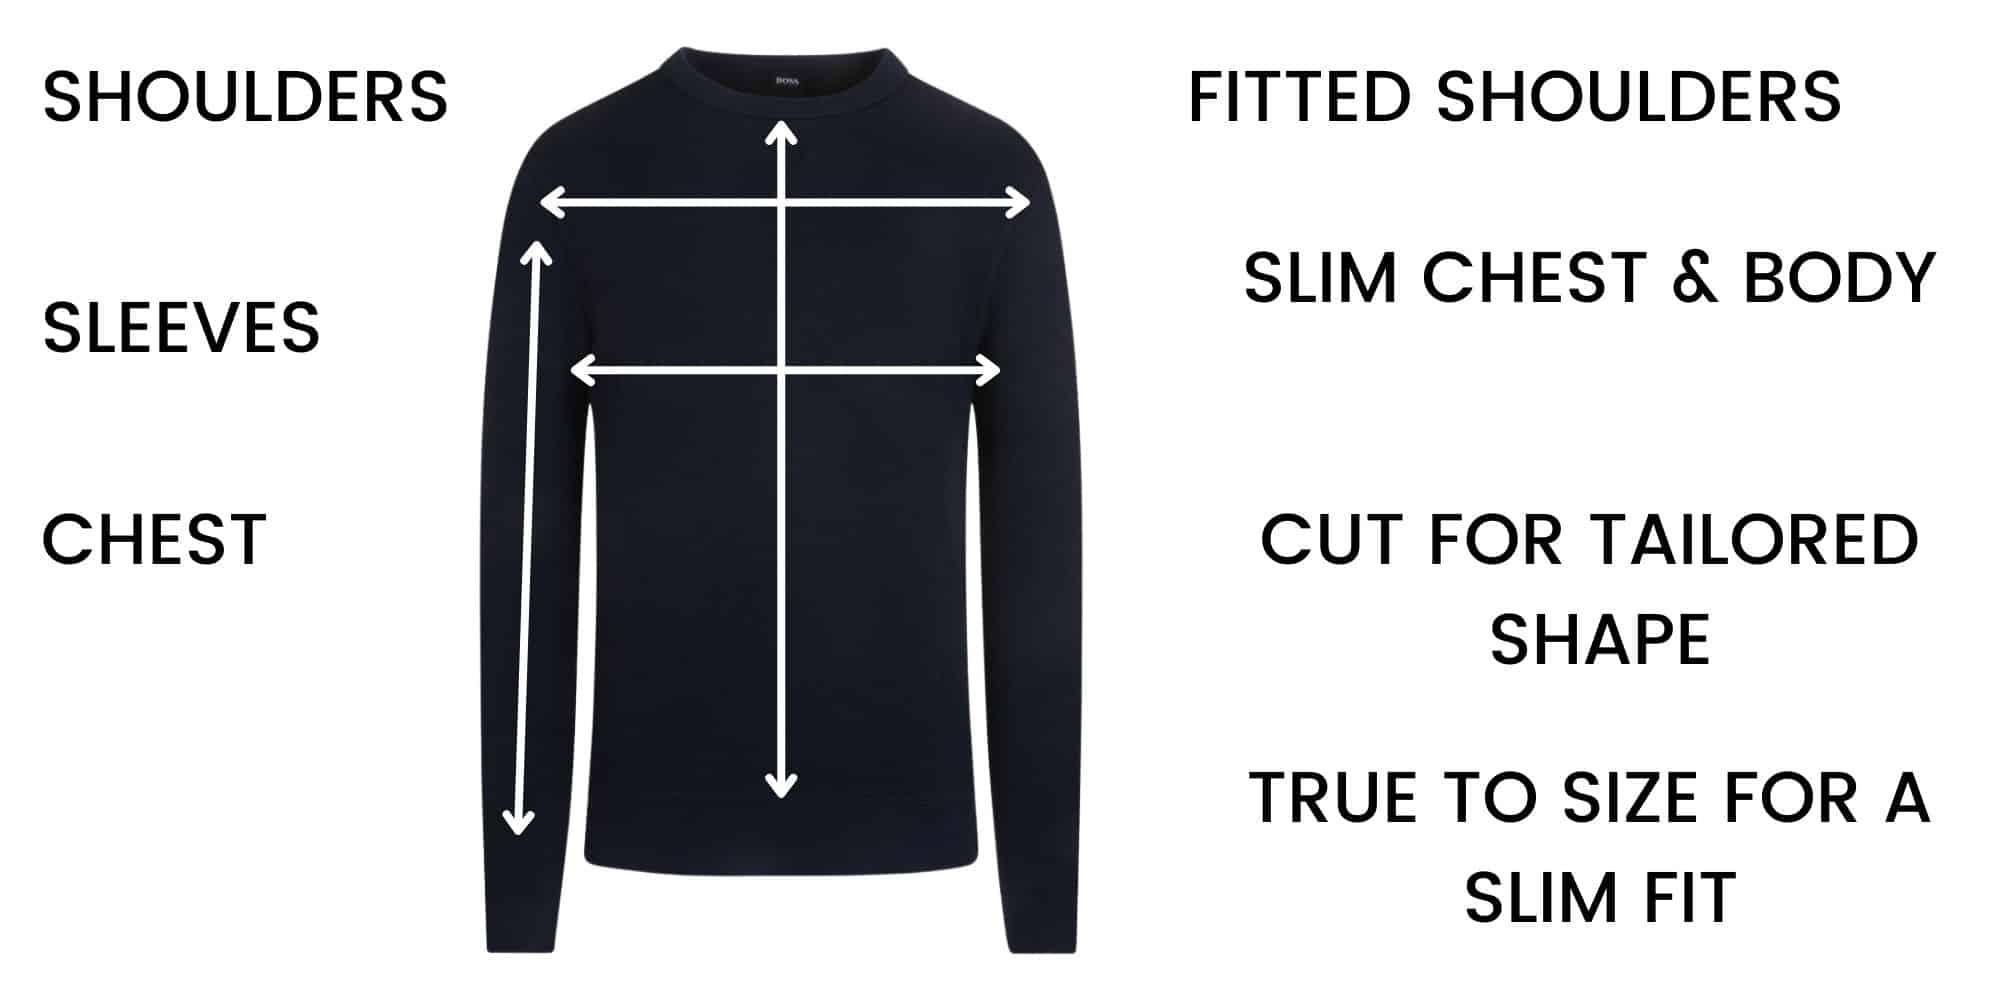 Boss Knitwear/Sweatshirt Chart